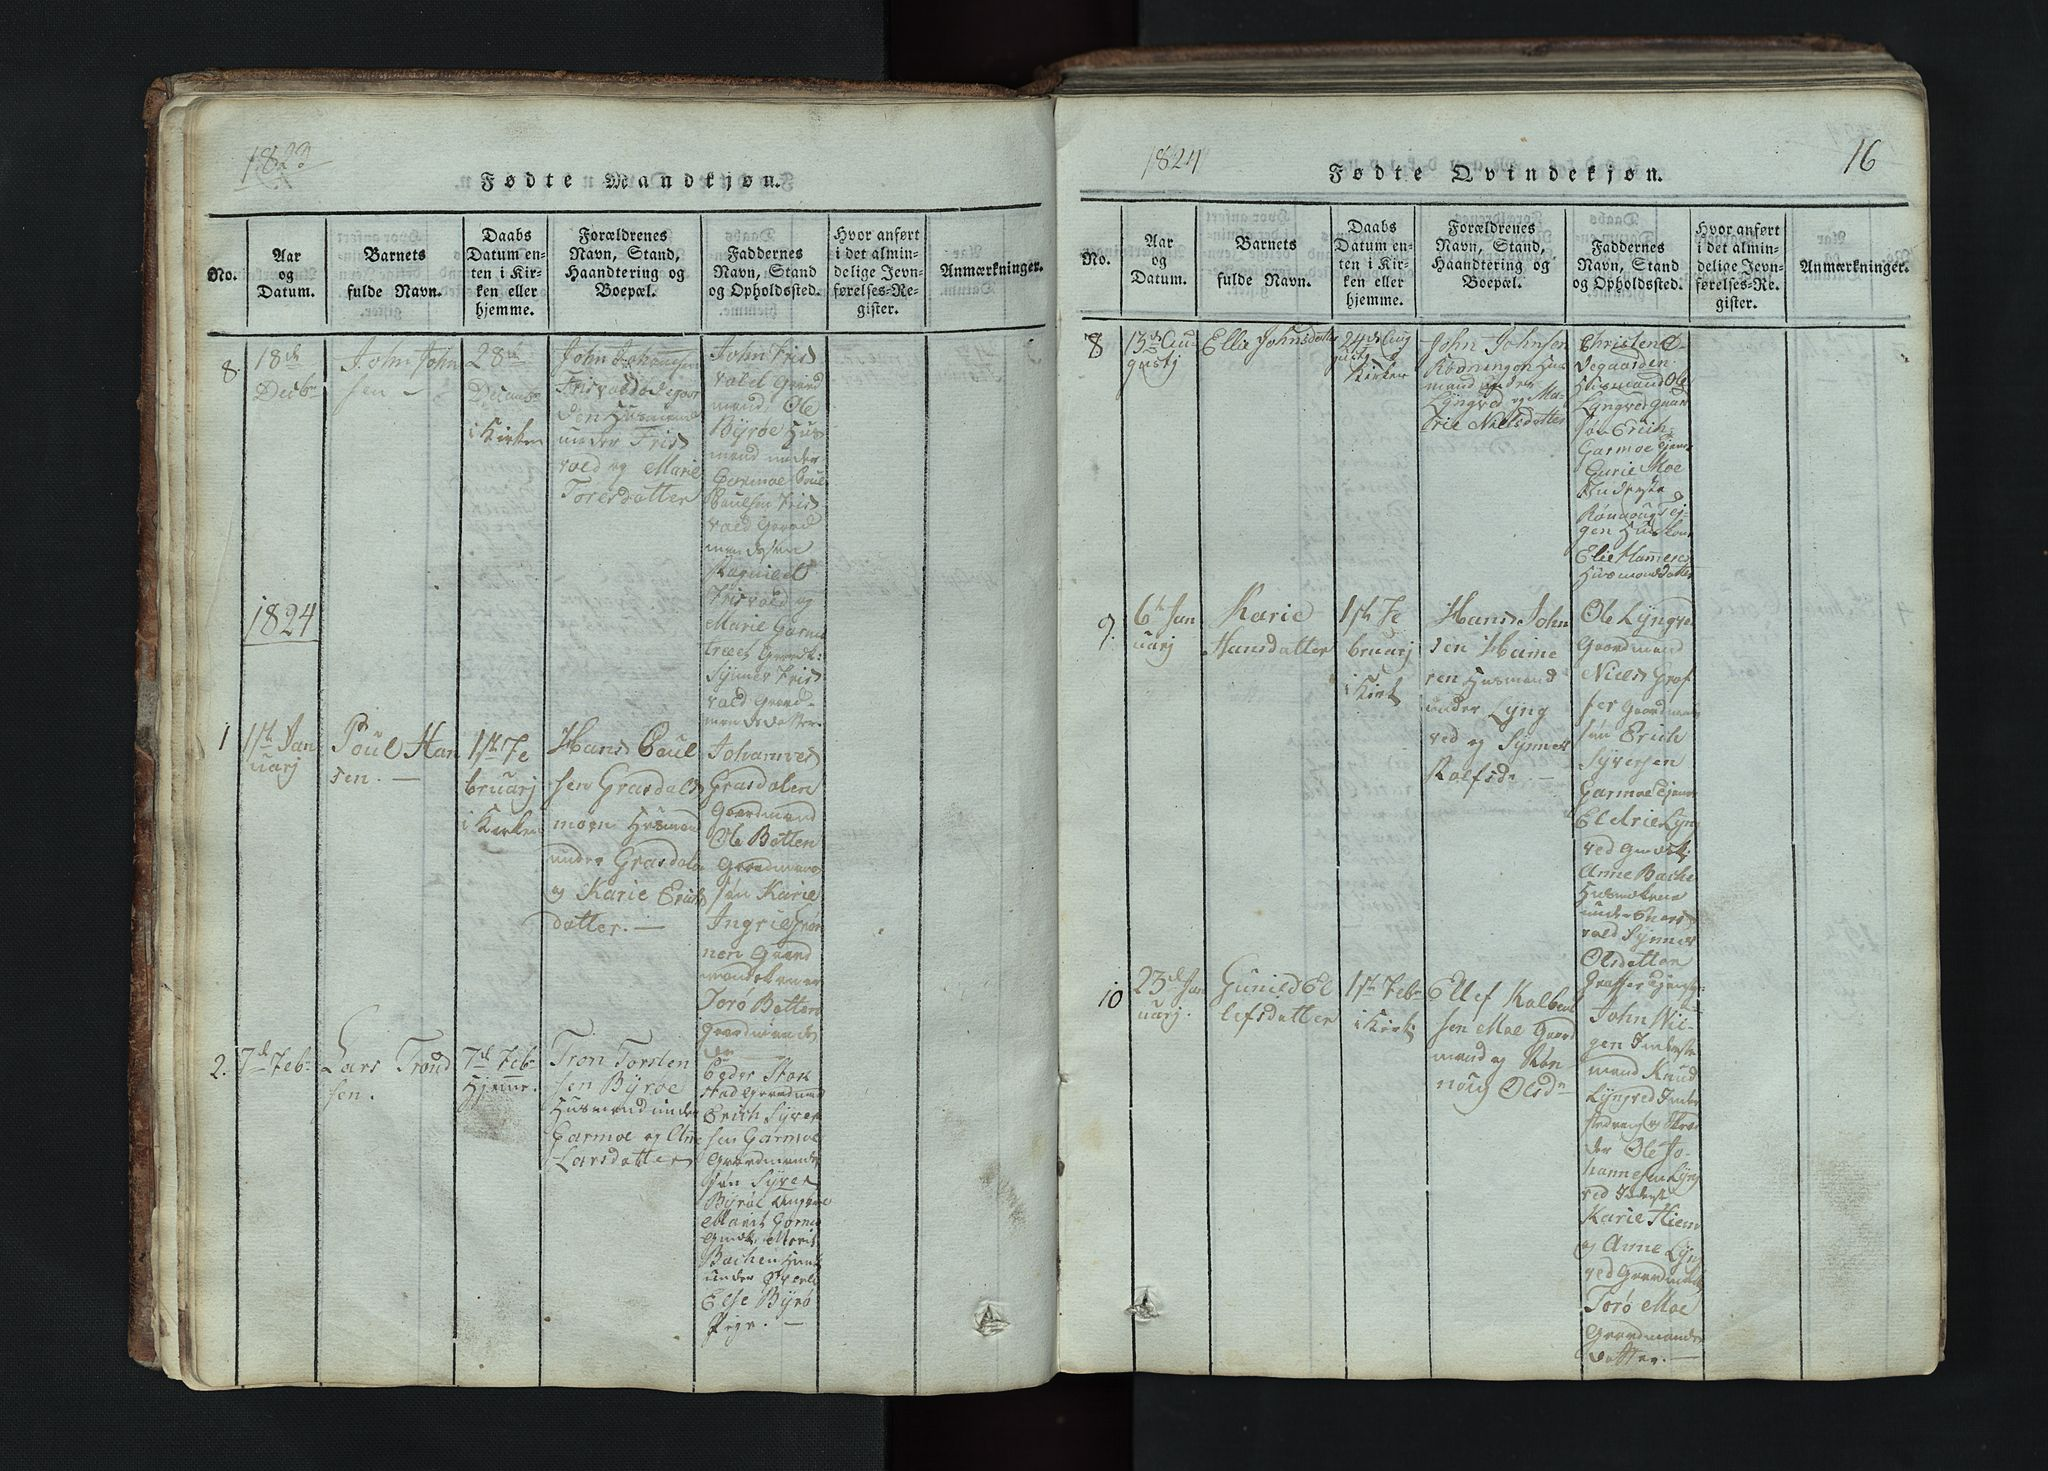 SAH, Lom prestekontor, L/L0002: Klokkerbok nr. 2, 1815-1844, s. 16